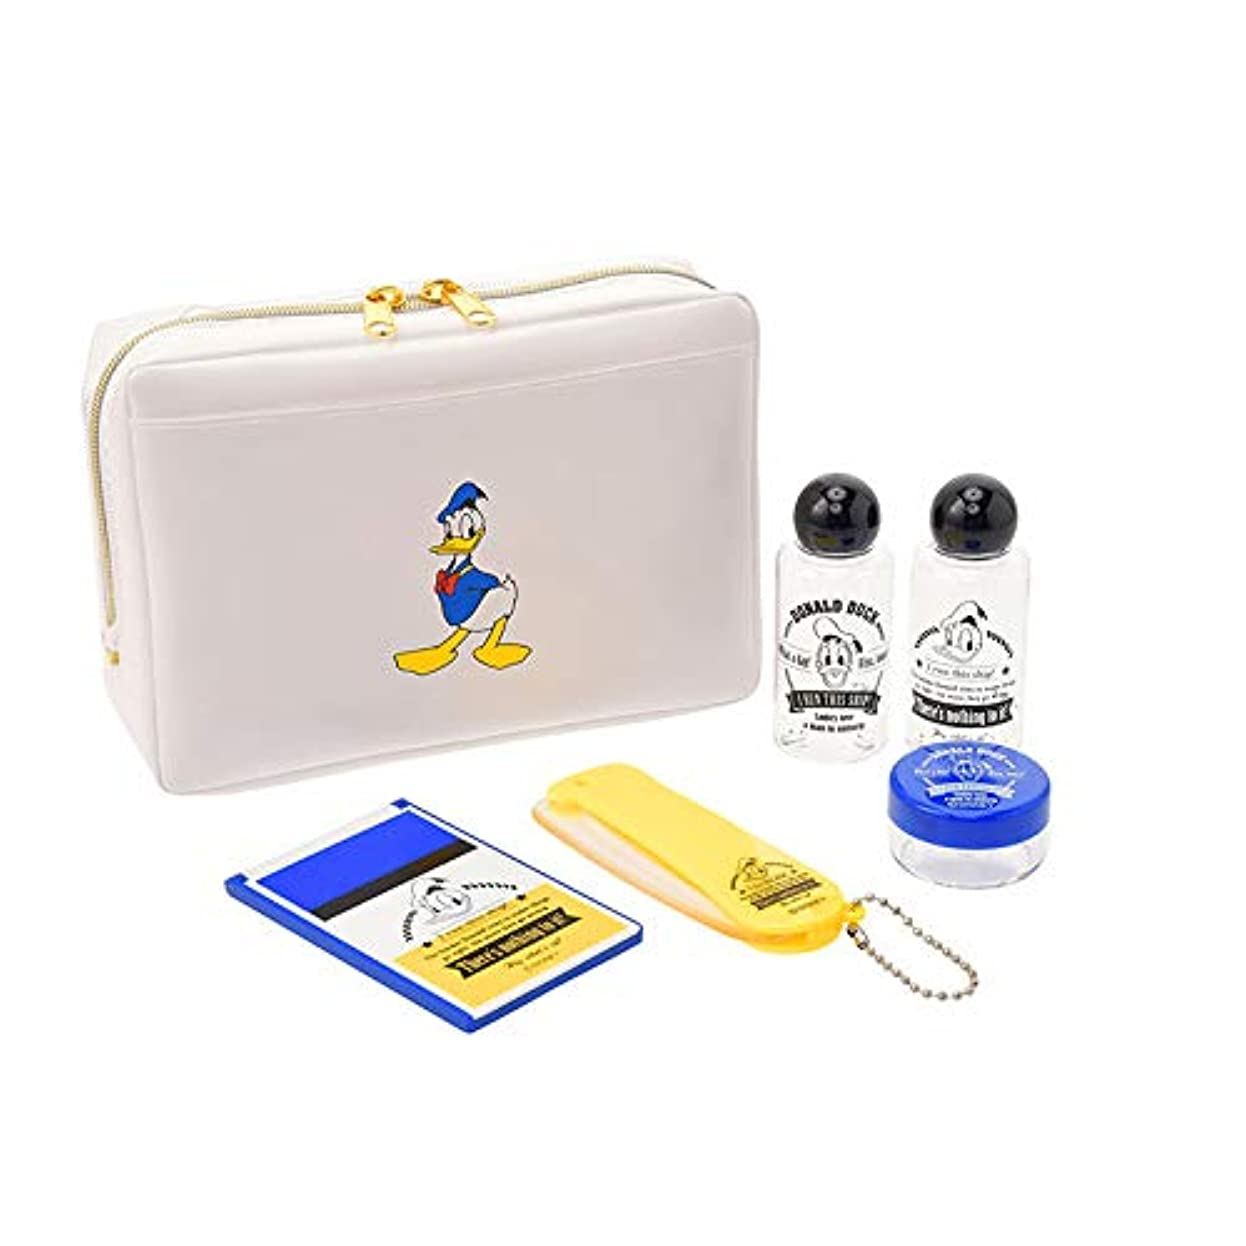 シャトル要塞血まみれディズニーストア(公式)ボトルセット ドナルド Donald Duck Grand Blue